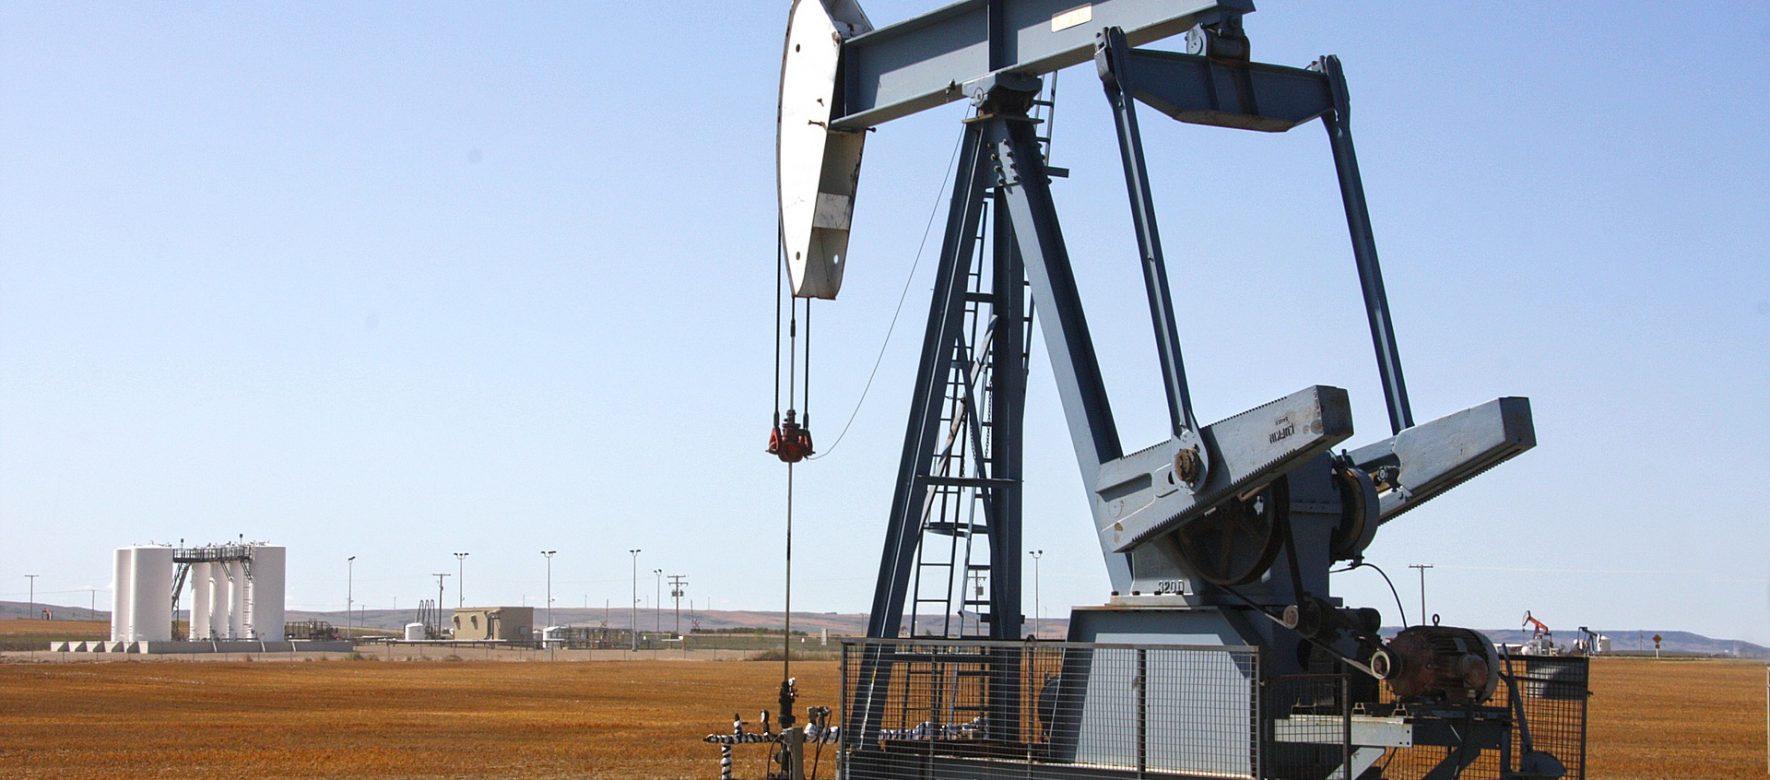 Une délégation va finaliser l'accord pour l'importation en Egypte de pétrole venant d'Irak